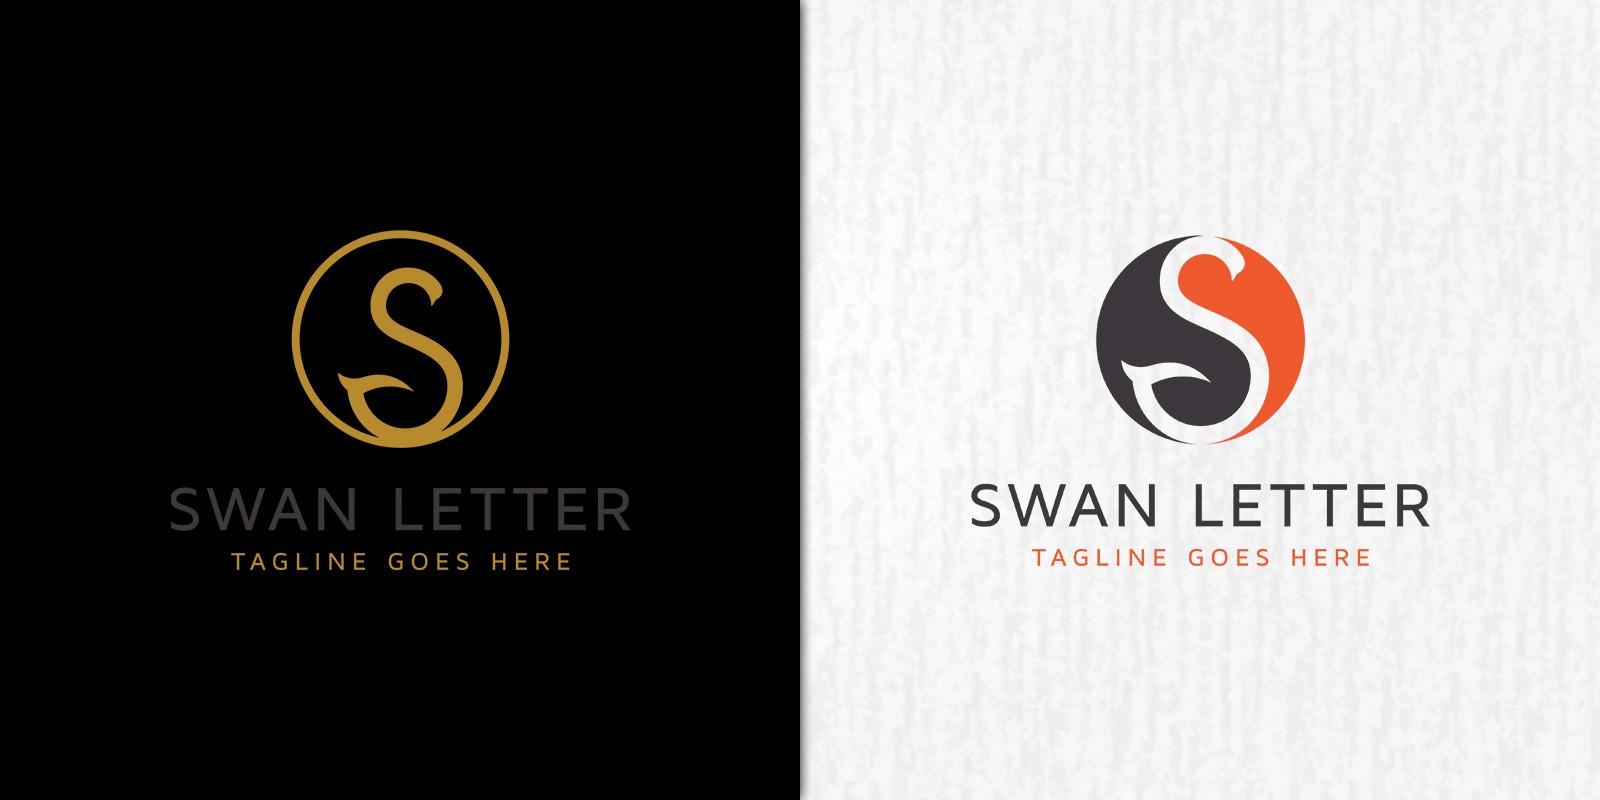 Swan Letter